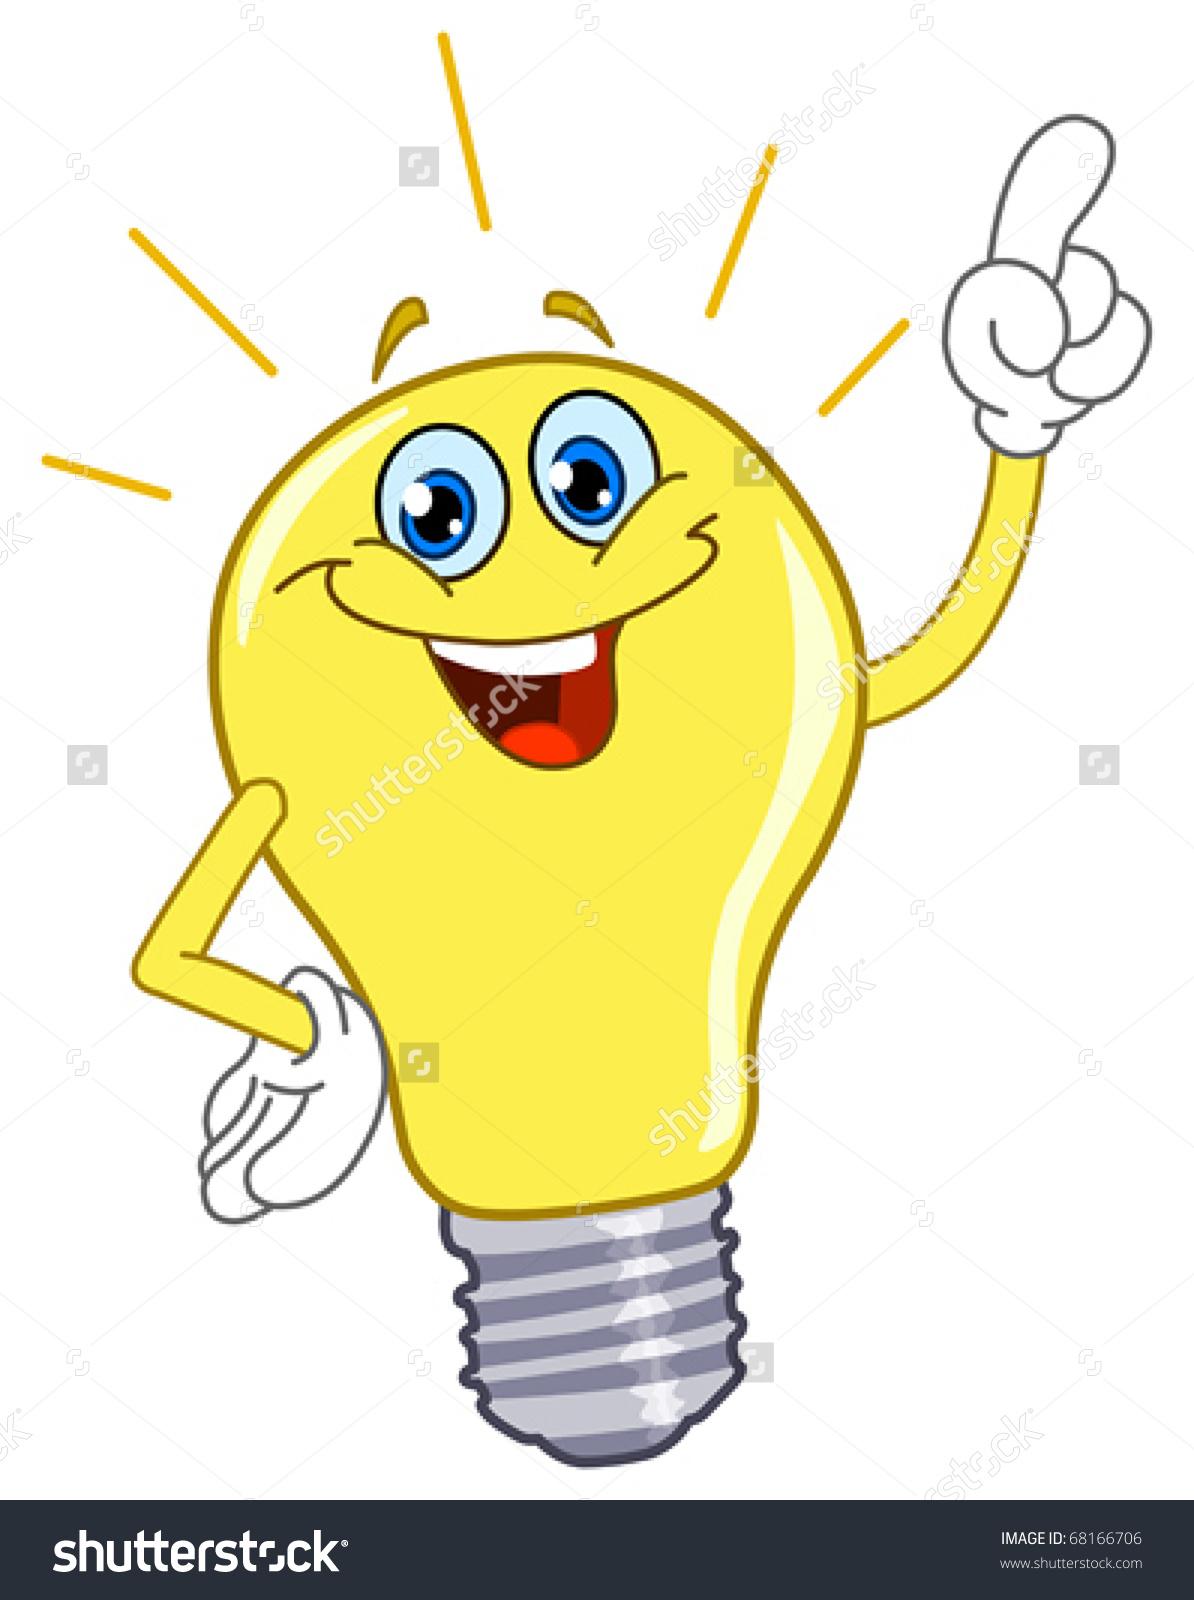 Bulb clipart for kid Bulb light light bulb clipart